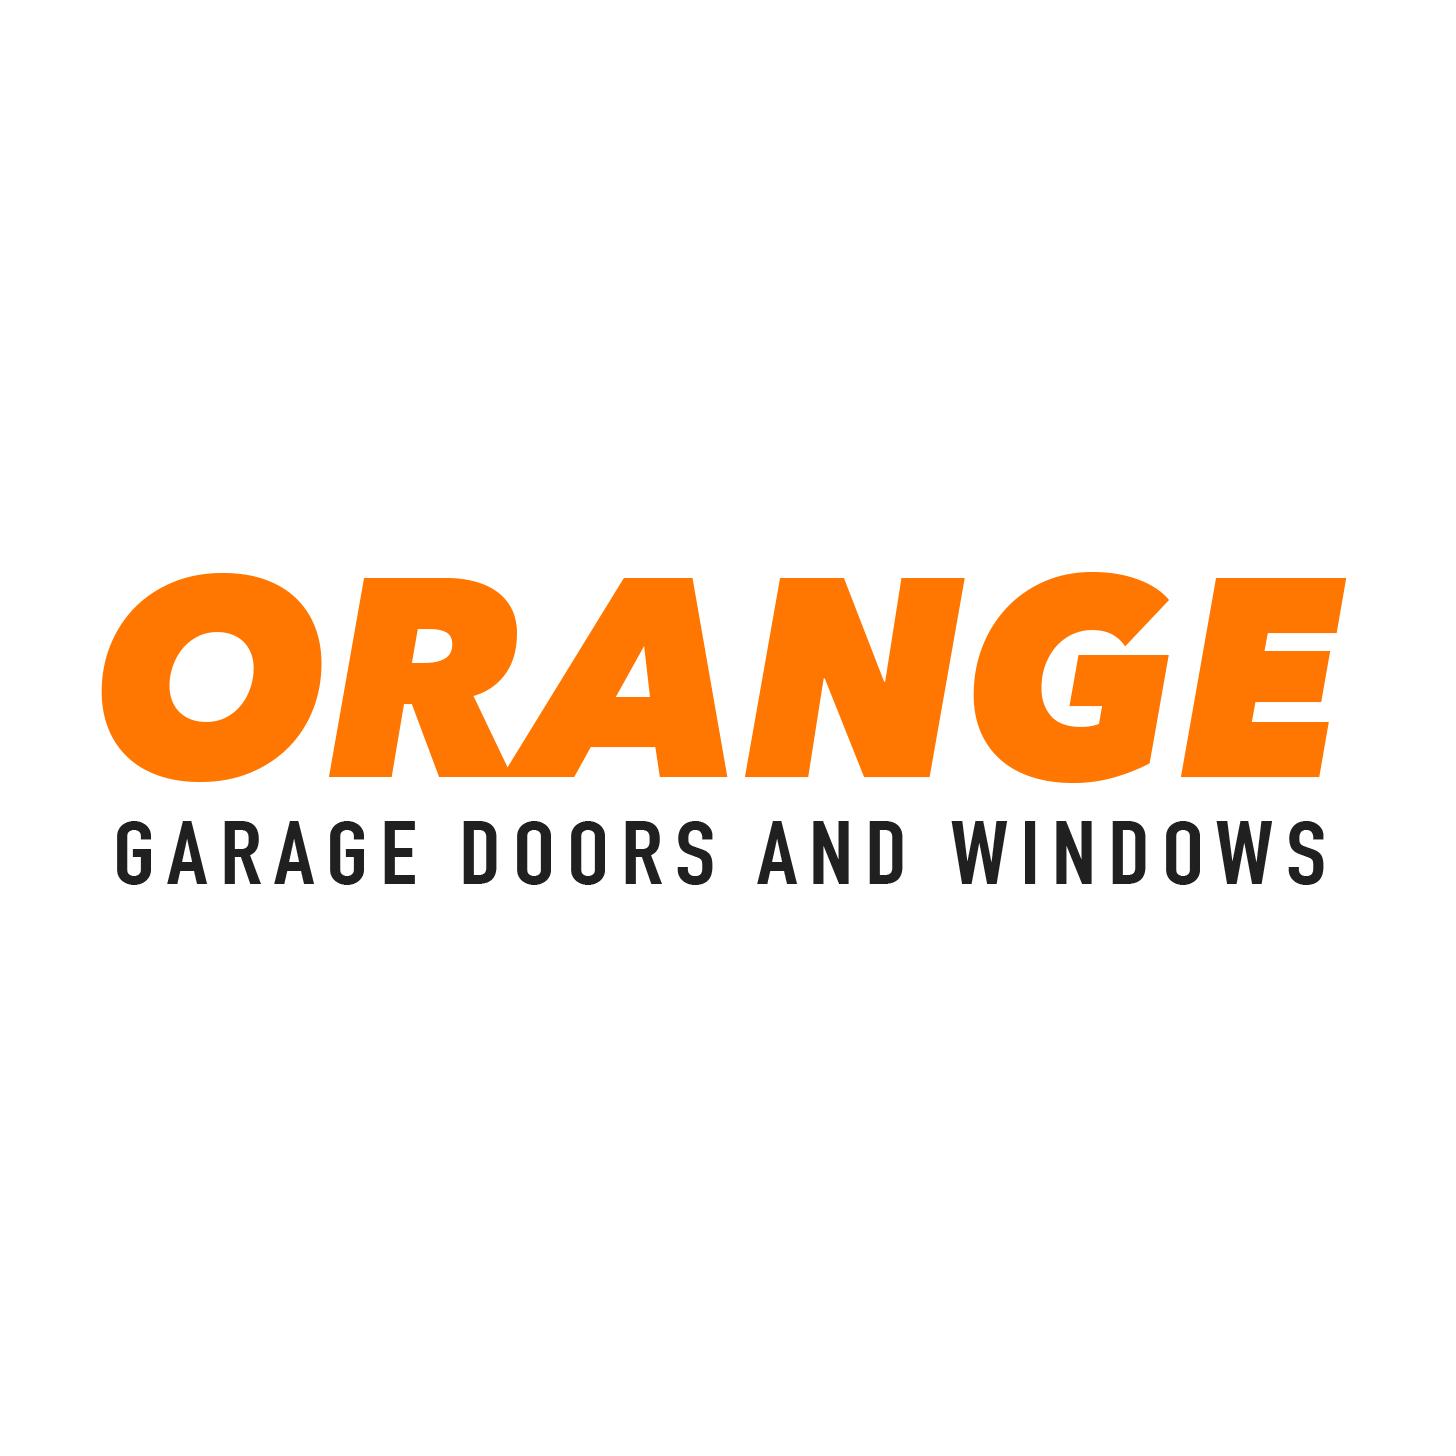 Orange Garage Doors And Windows - Pico Rivera, CA - Windows & Door Contractors